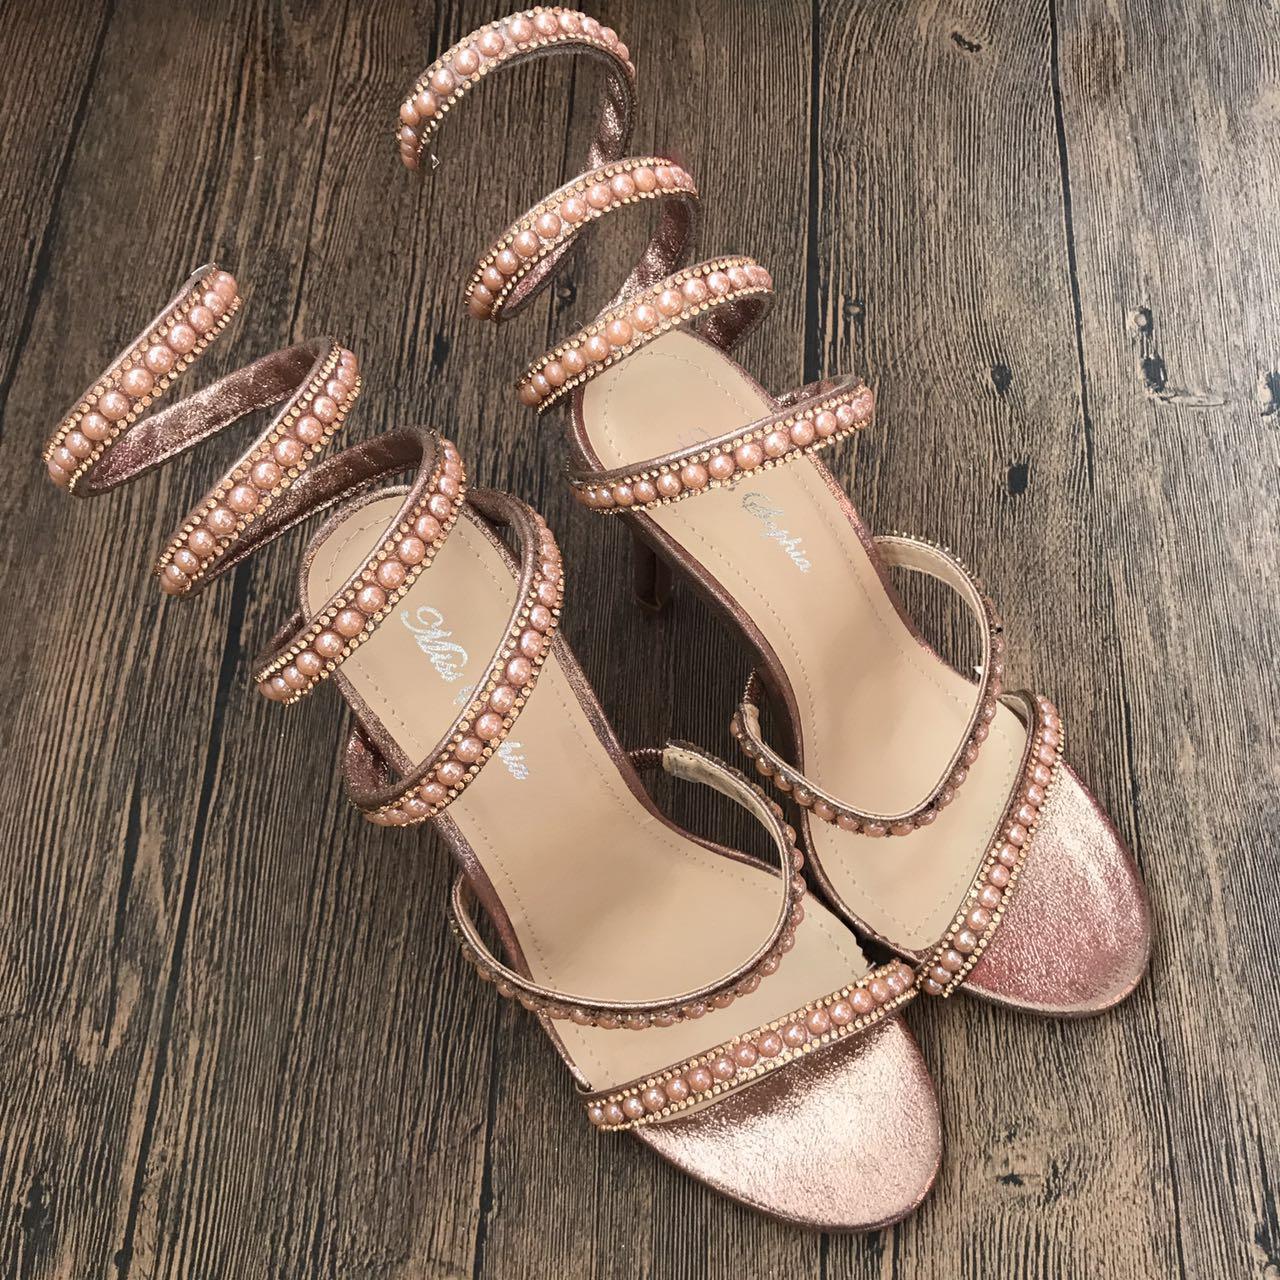 外贸欧美大码高端缠绕蛇形夹脚S型水钻金属高跟细跟10cm凉鞋女